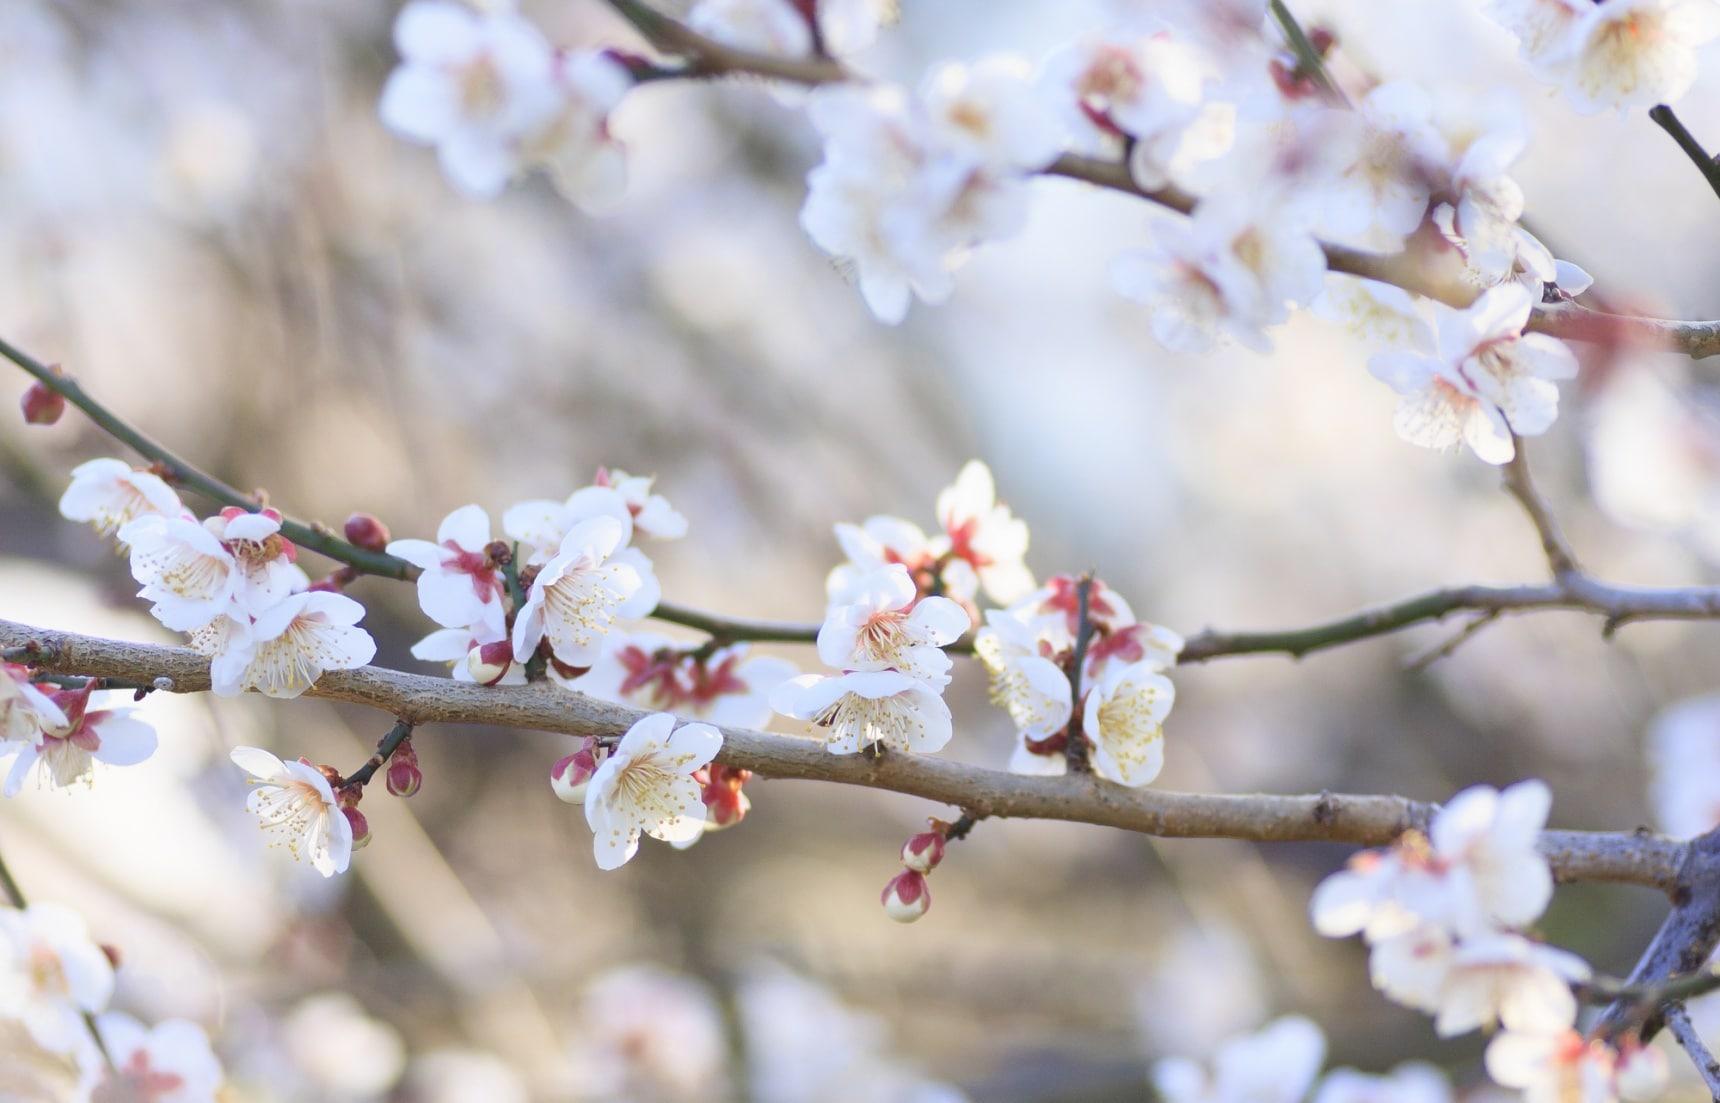 A Crash Course on Tokyo's Plum Blossoms